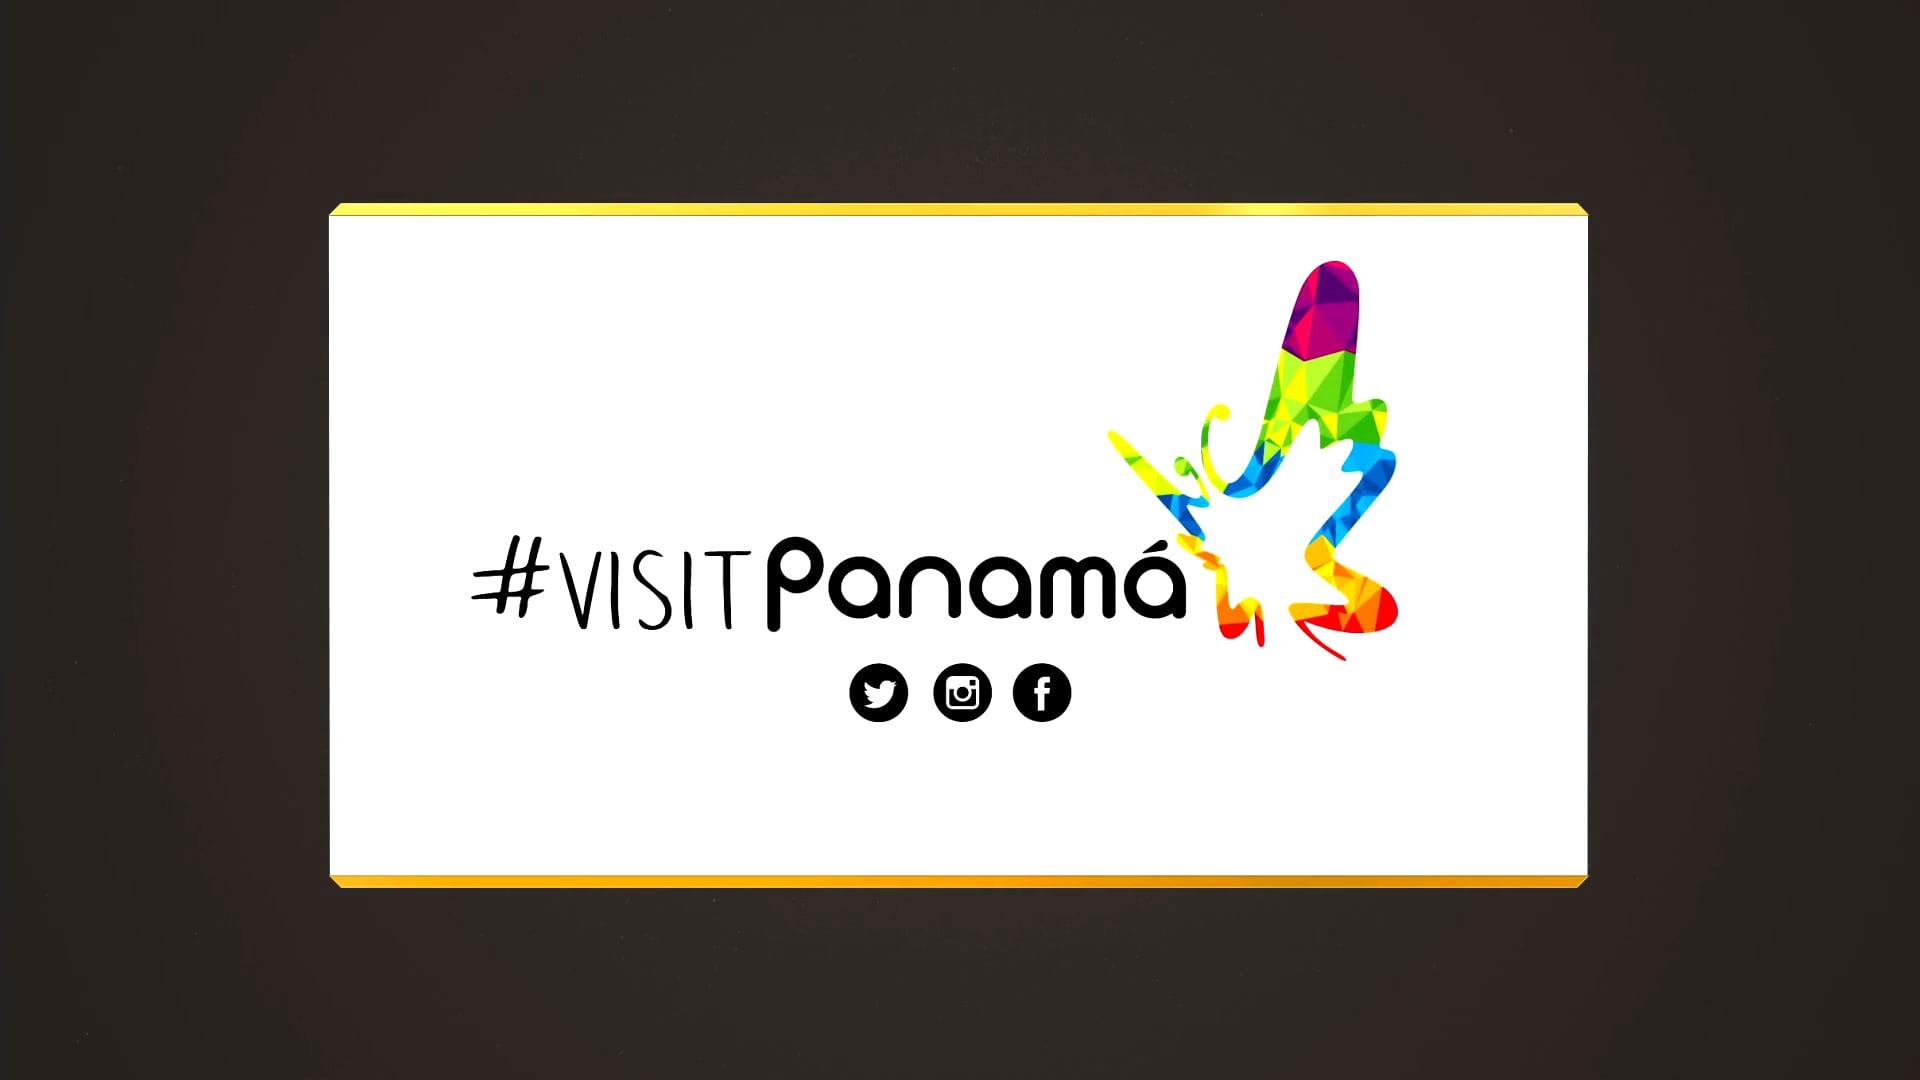 Panama Chapter 3